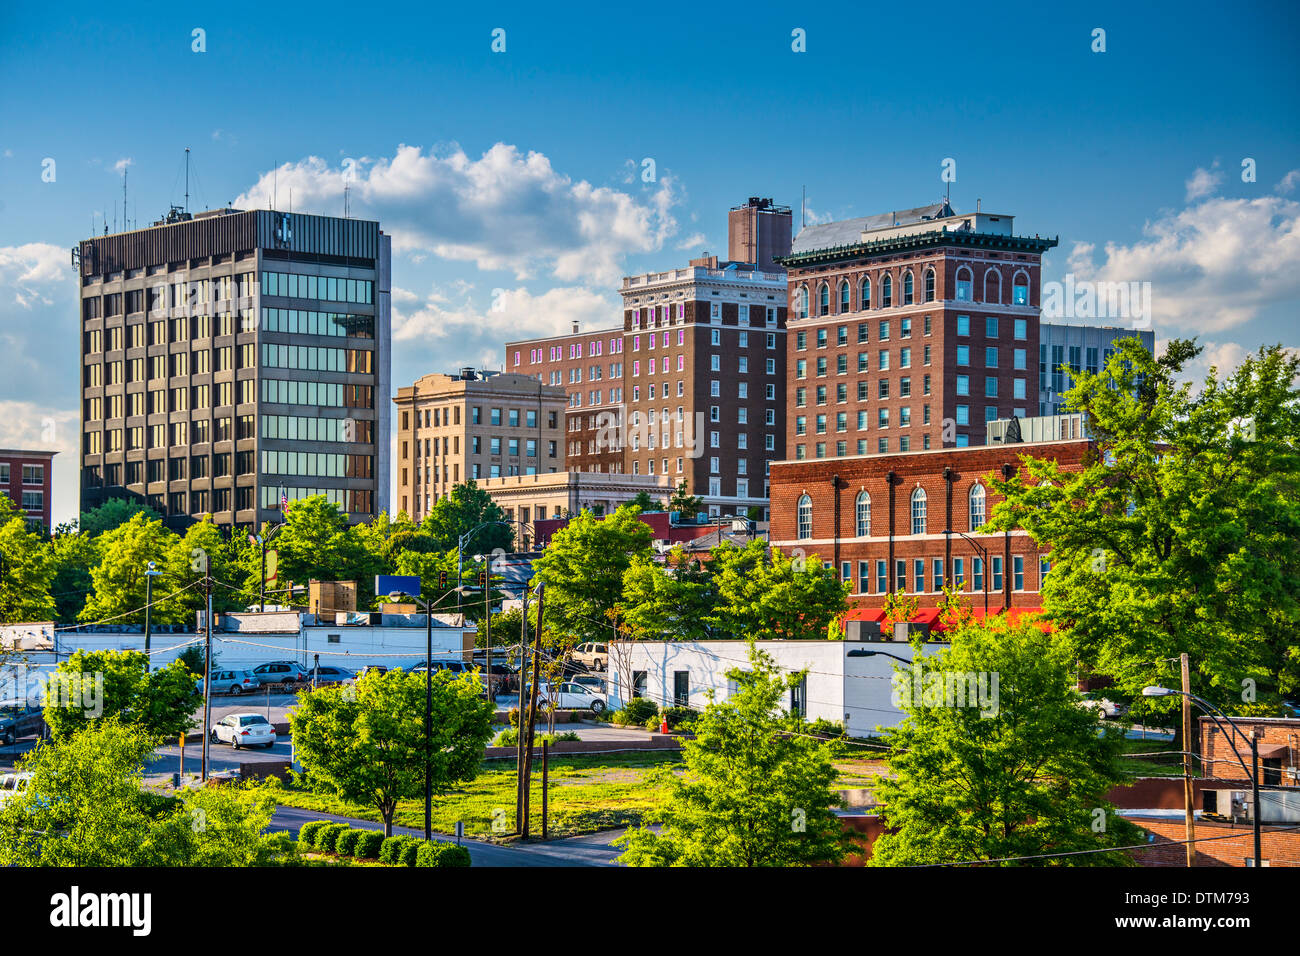 Greenville, Caroline du Sud, États-Unis d'édifices du centre-ville. Photo Stock